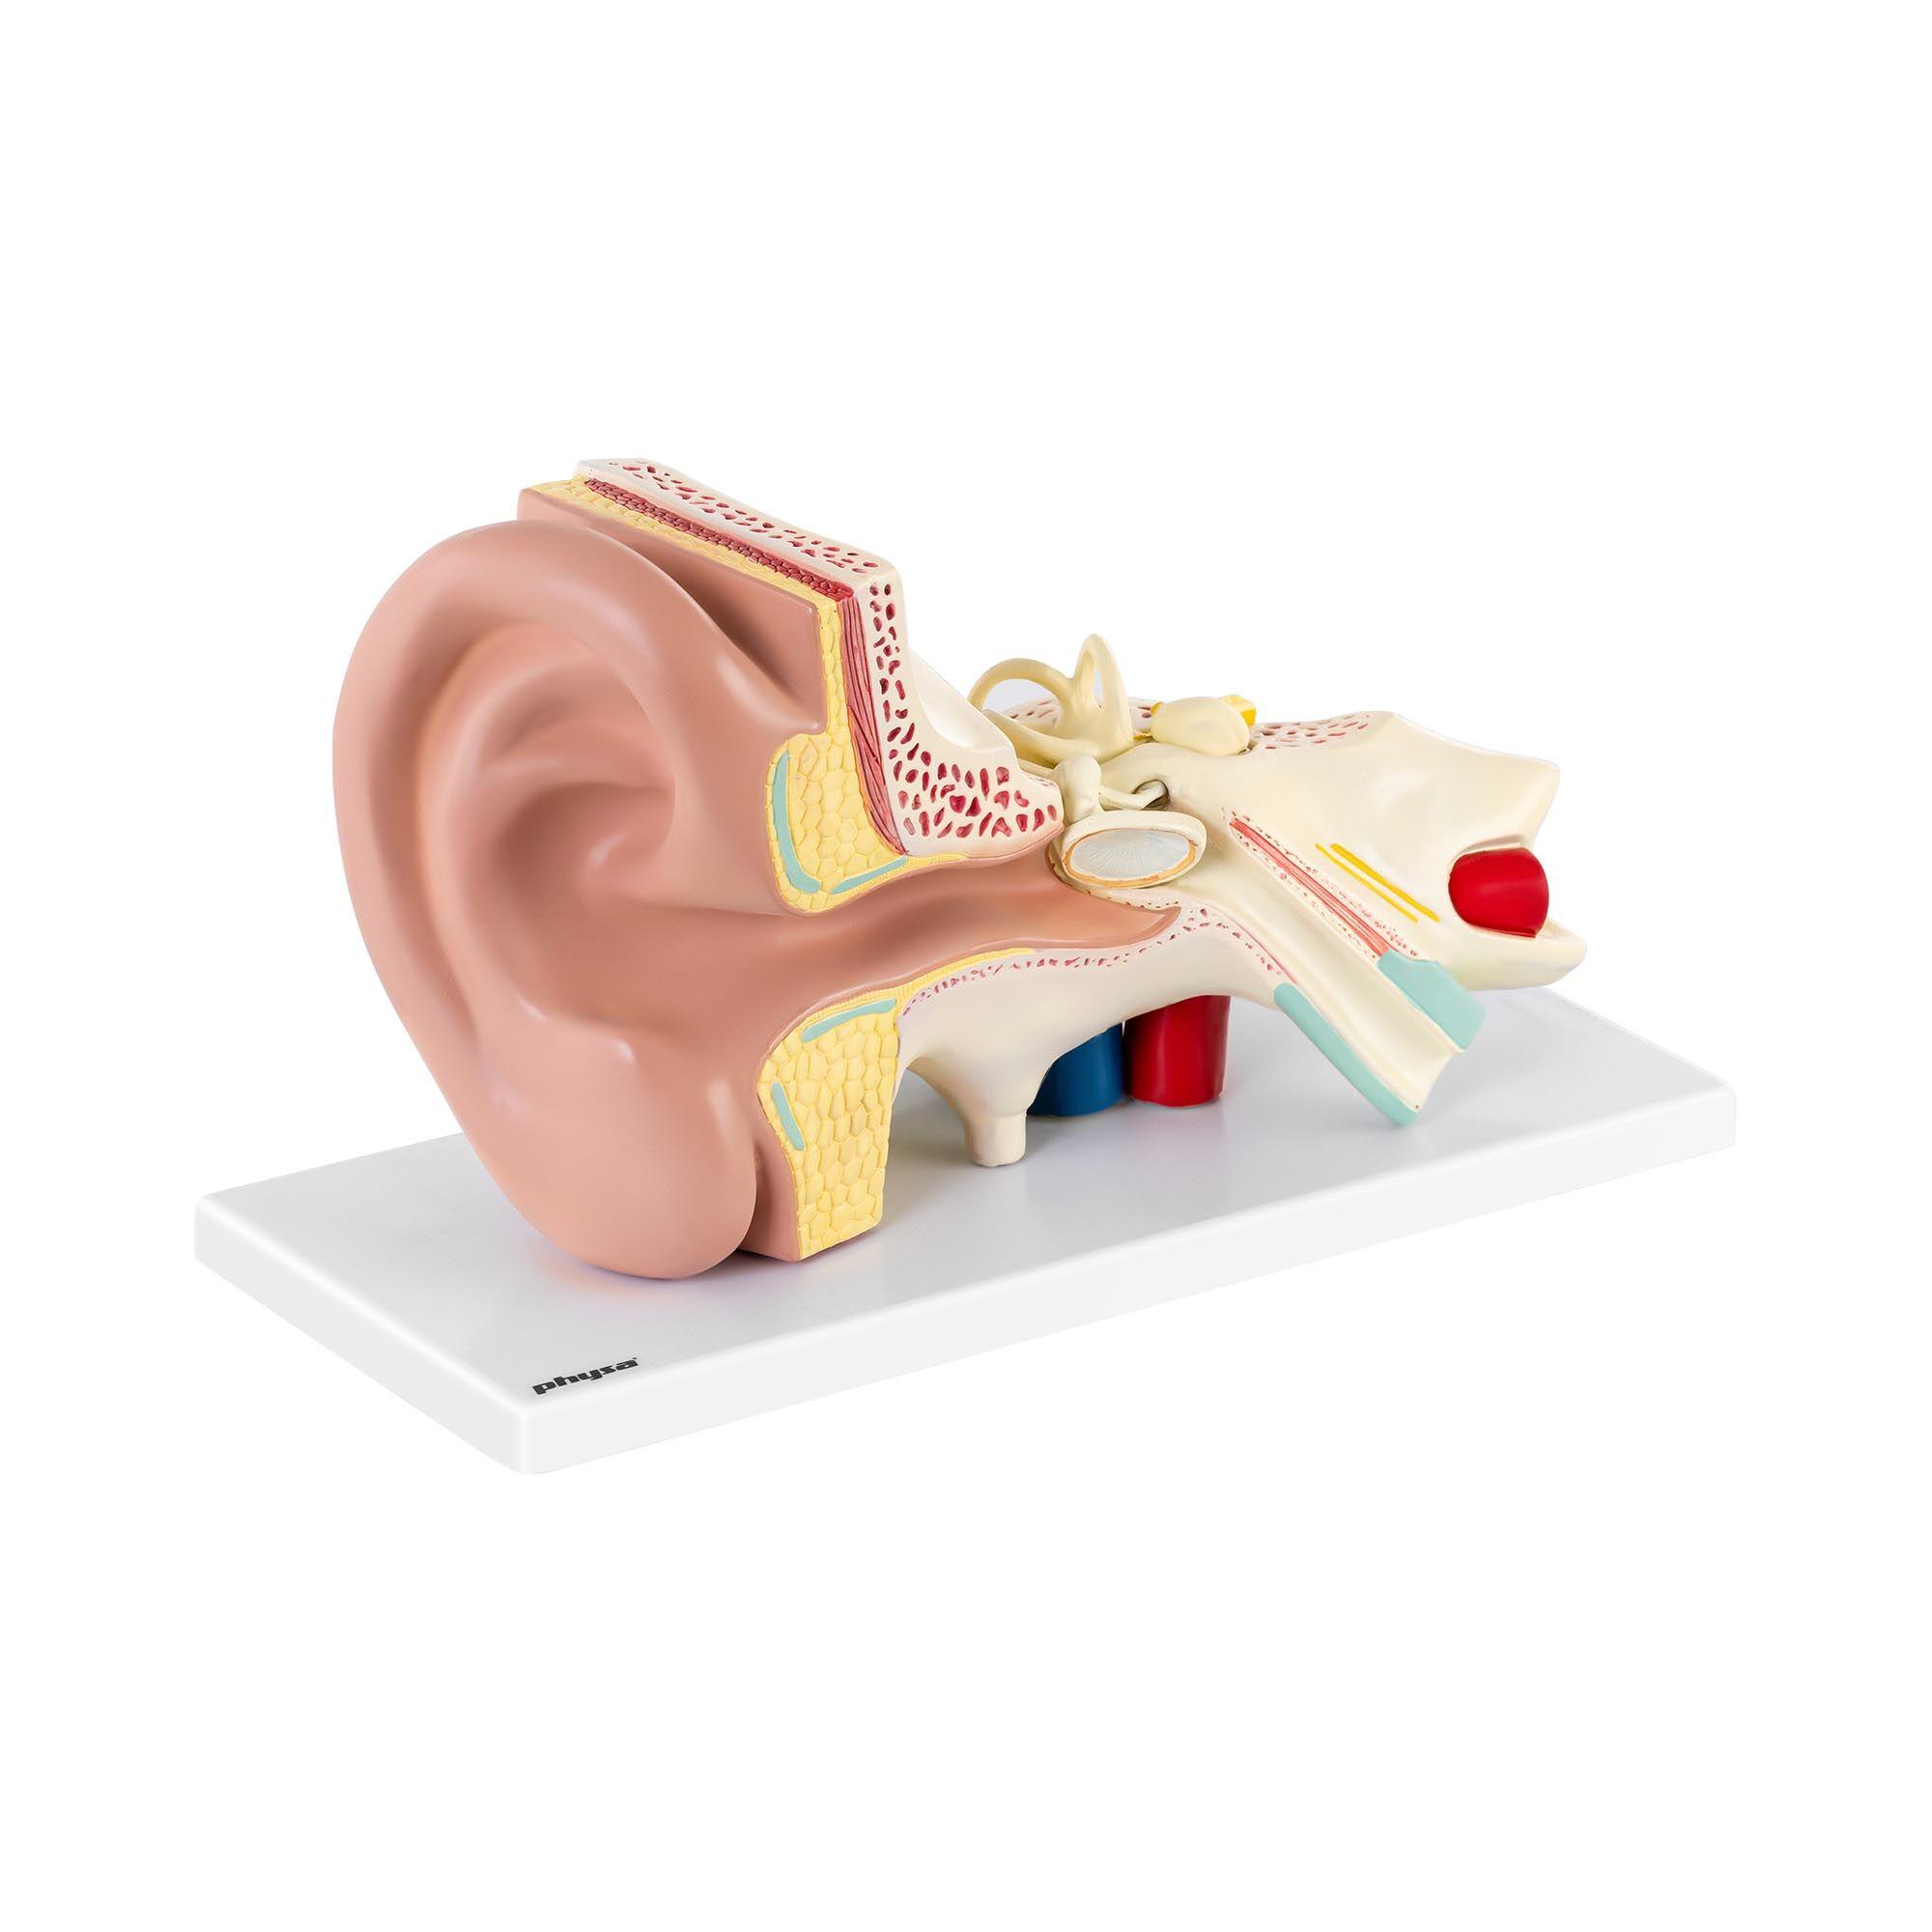 physa Maquette anatomique de l'oreille humaine - En 4 parties amovibles - 3 fois la taille réelle PHY-EM-2